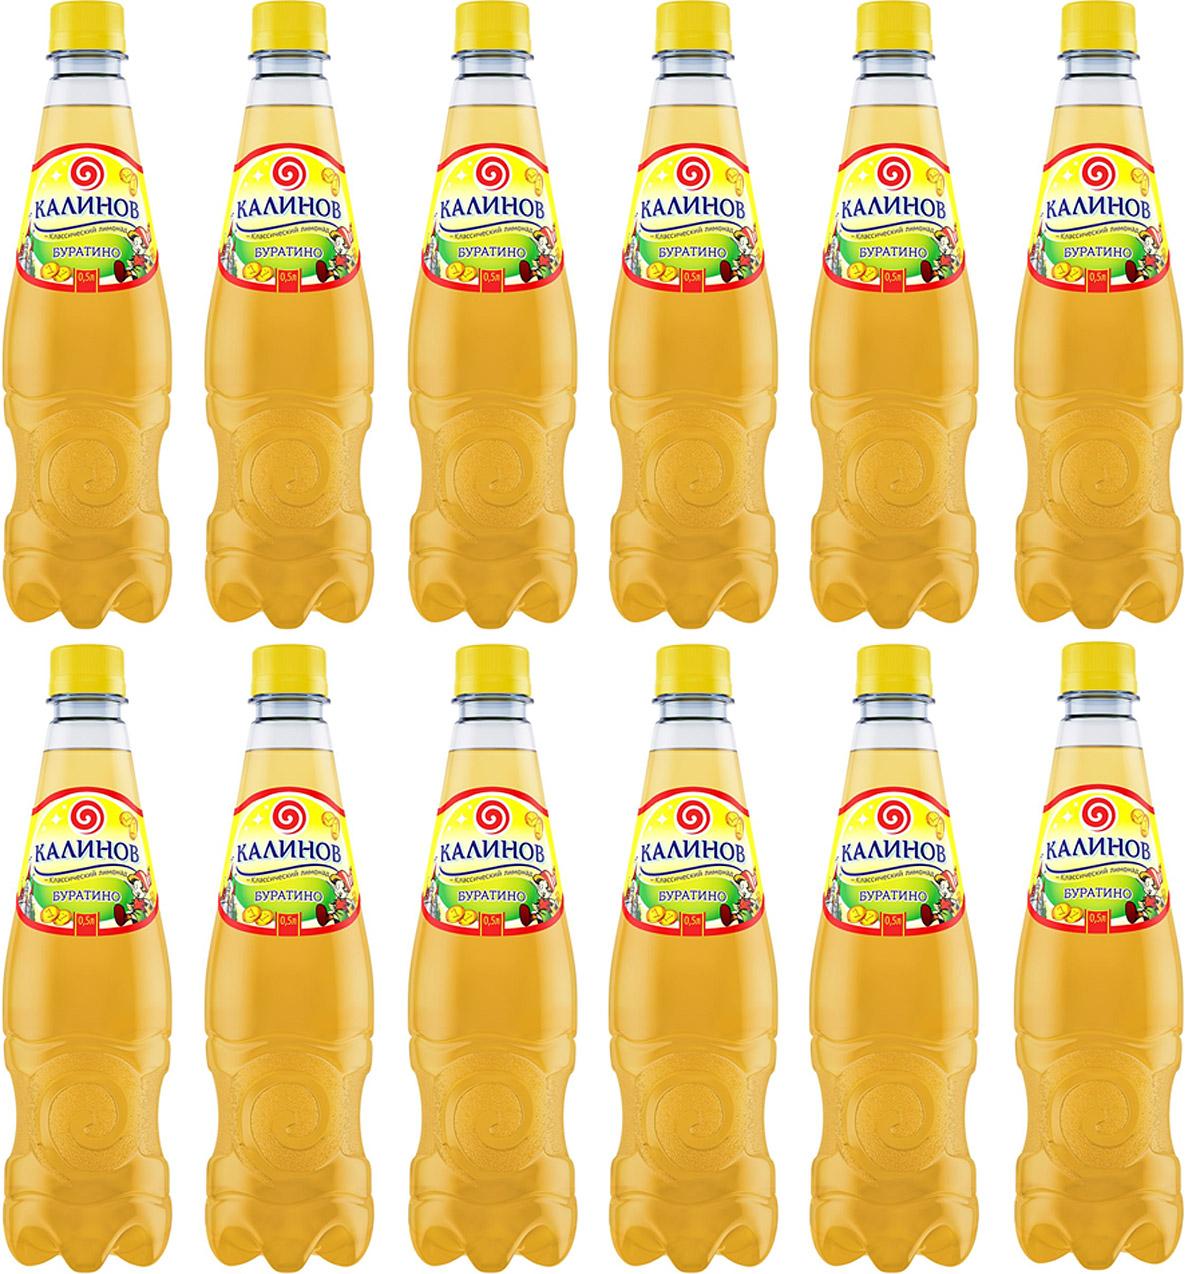 Калинов Лимонад Буратино, 12 шт по 0,5 л0120710Классические лимонады на основе артезианской воды Калинов Родник производятся на высококачественном вкусо-ароматическом сырье и обладают ярко выраженными прохладительными свойствами. Для приготовления лимонадов Калинов используются классические рецептуры, соответствующие требованиям ГОСТа. Благодаря пониженному содержанию сахара все напитки серии являются низкокалорийными. Они производятся без применения цикламатов и сахарина, что значительно усиливает их диетические свойства.